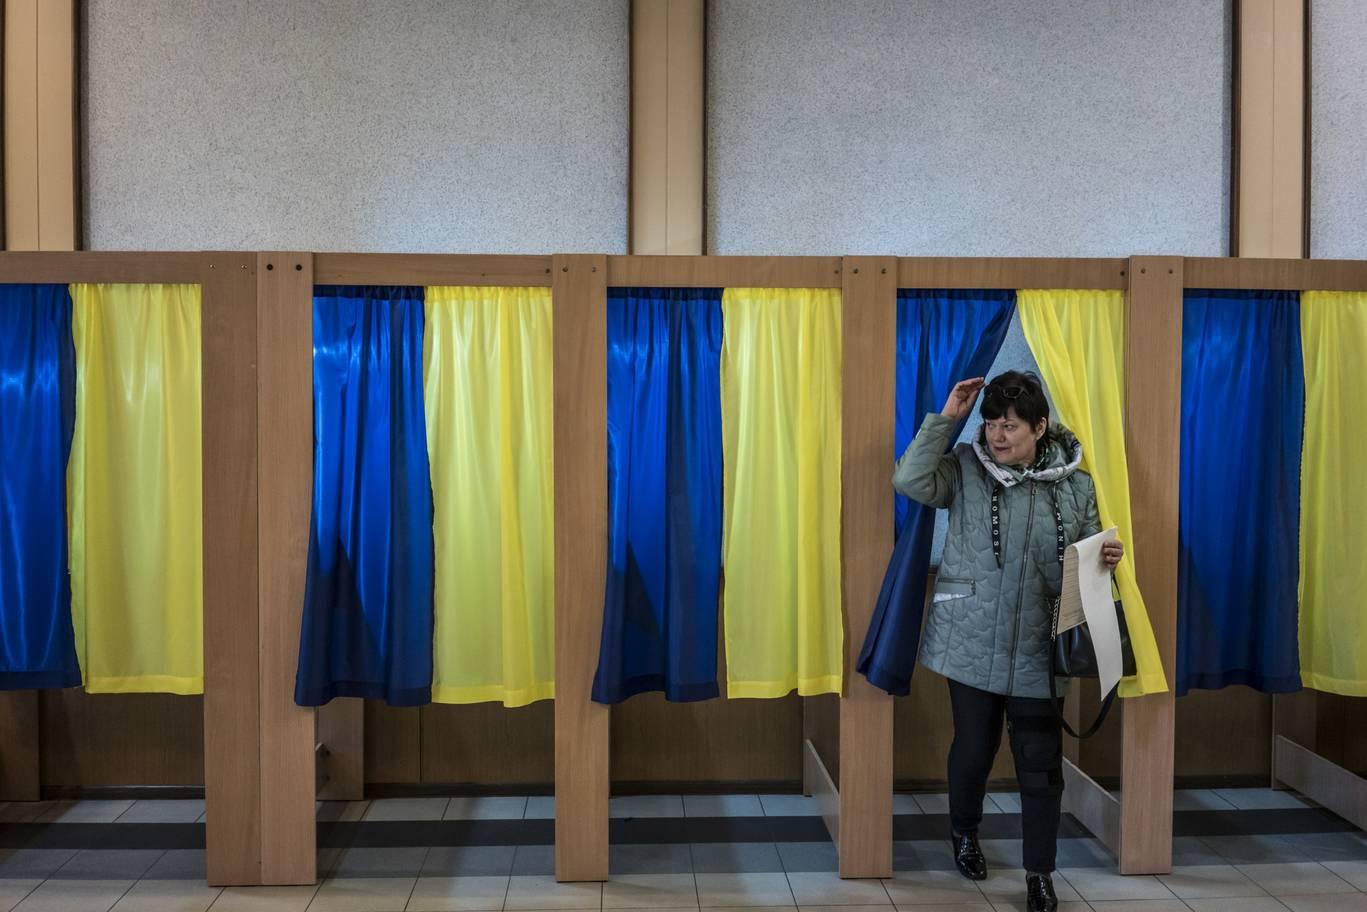 ولادیمیر زیلنسکی رییس جمهور جدید اوکراین